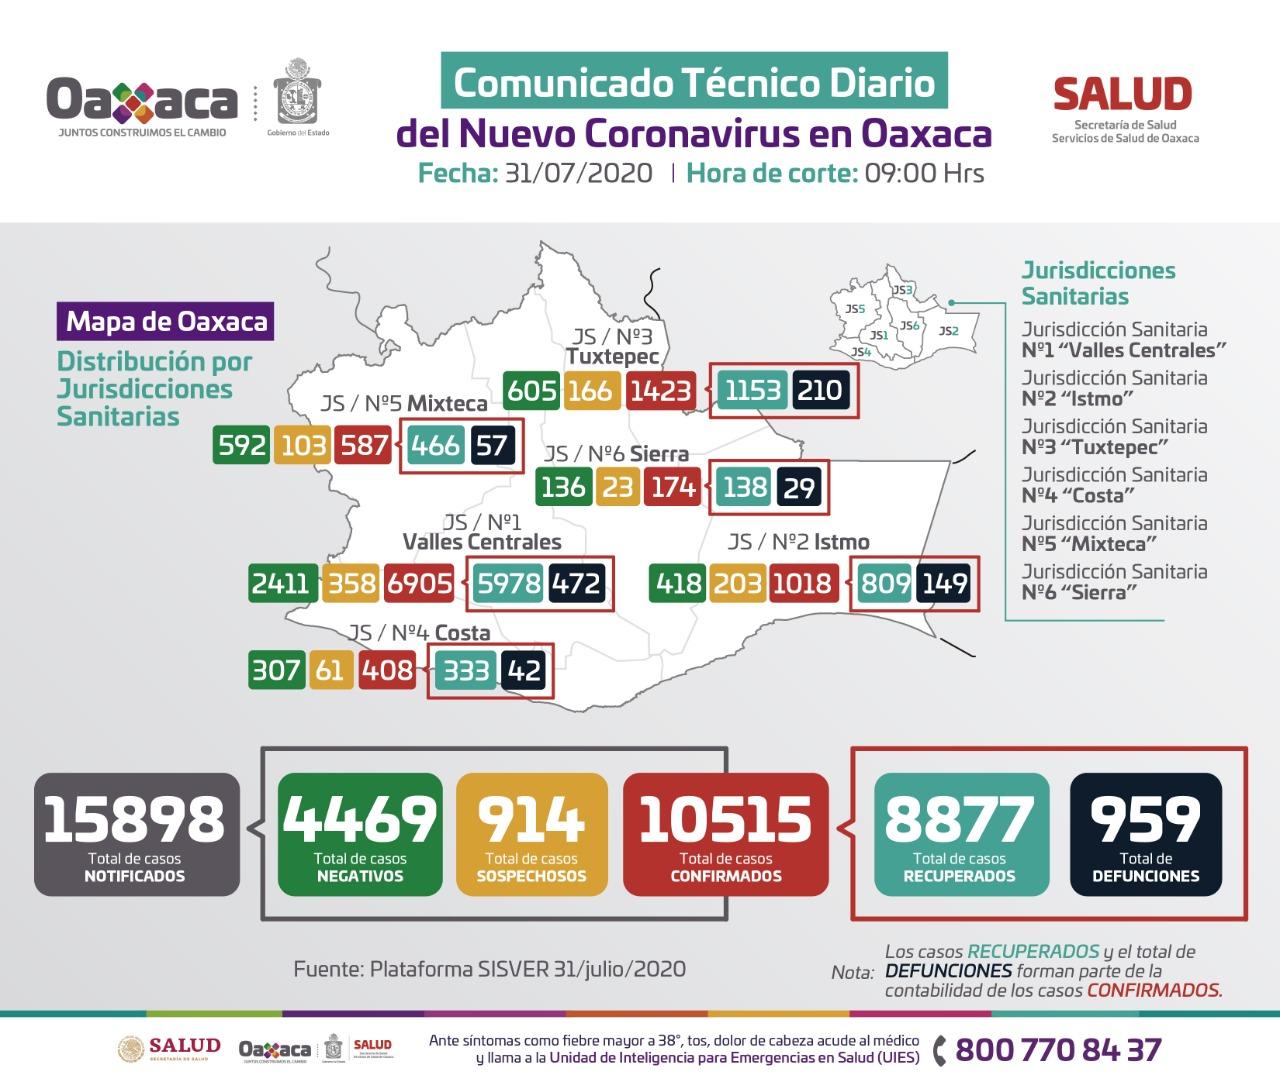 Reportan 179 nuevos contagios y 18 fallecimientos de Covid-19 en territorio oaxaqueño